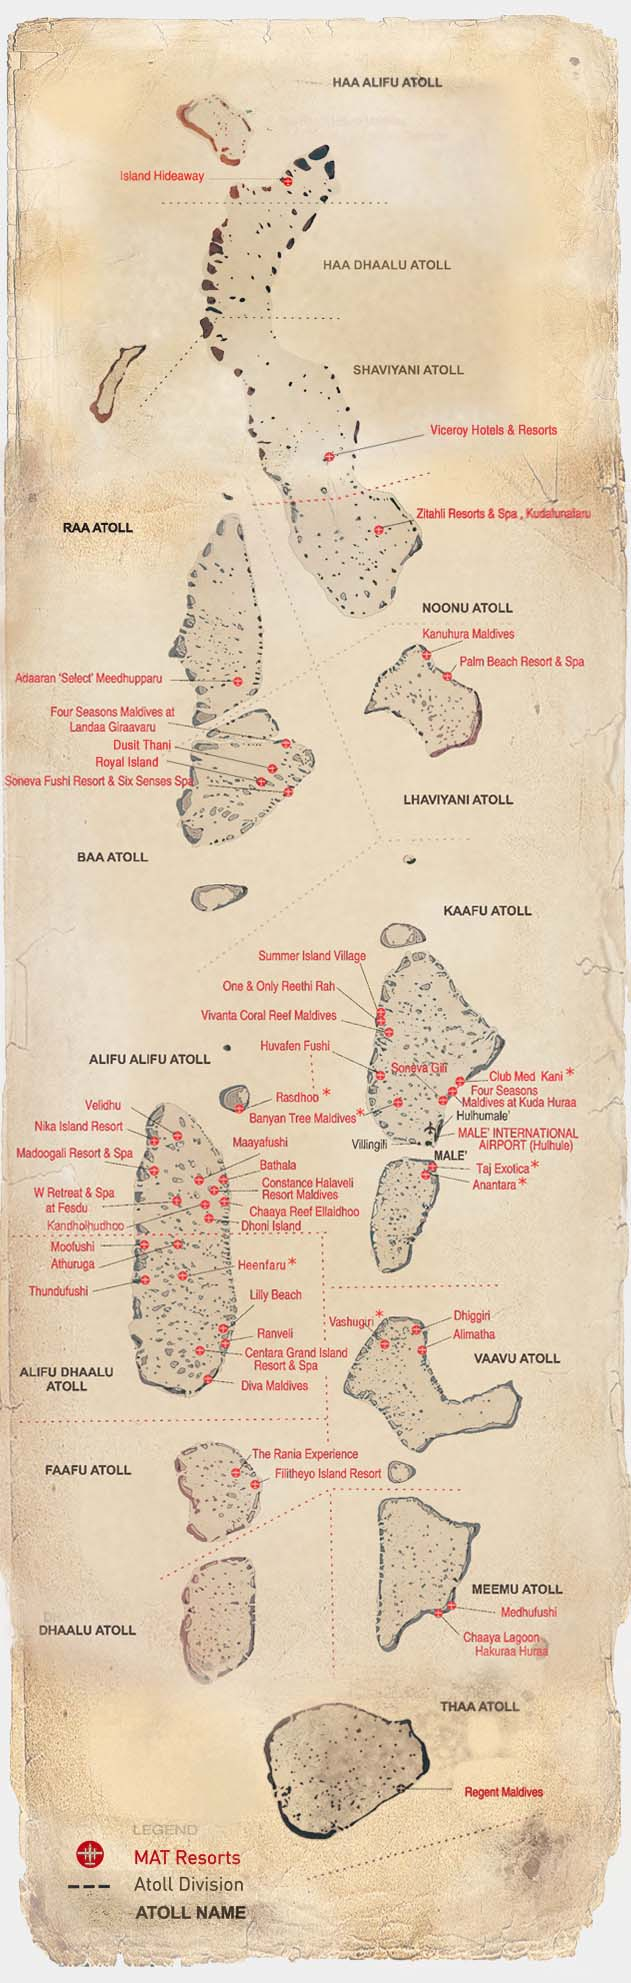 Maldivian Air Taxi route map